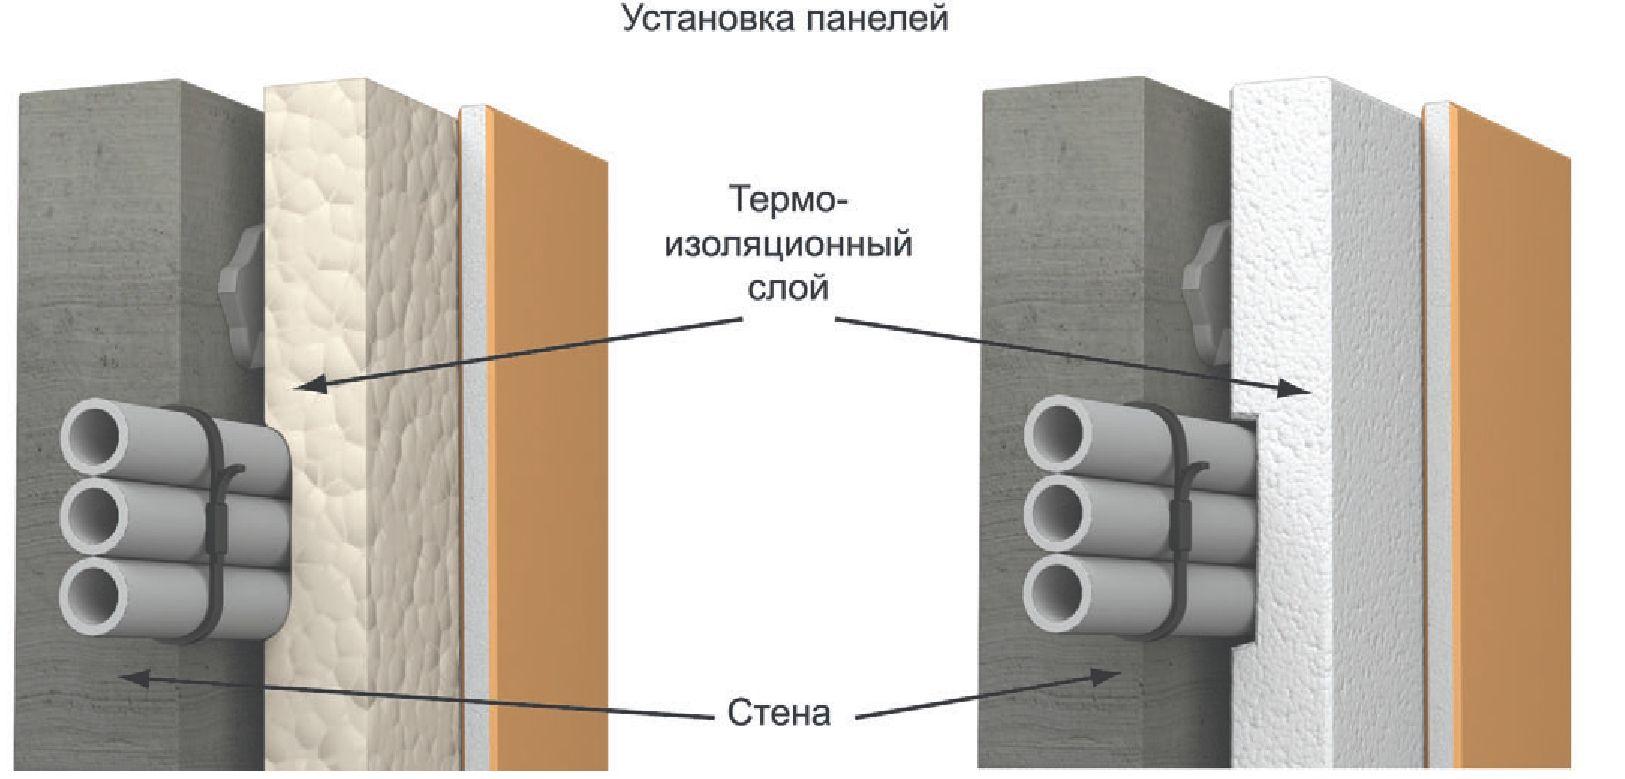 штробление стенкиев